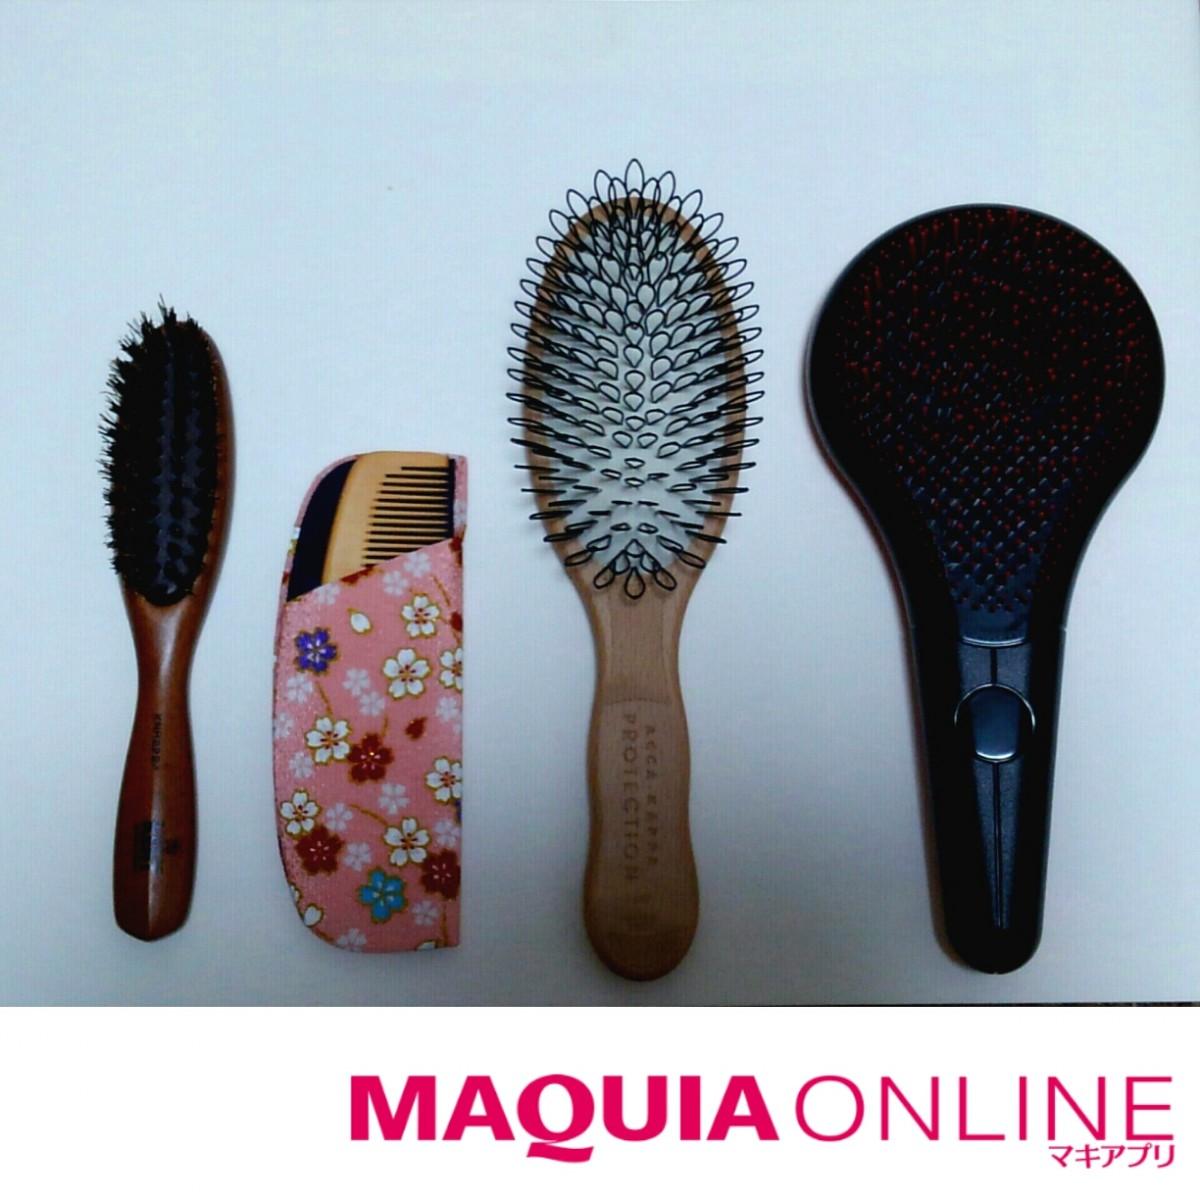 ◆さらツヤ髪はブラシの使い分けがカギ◆